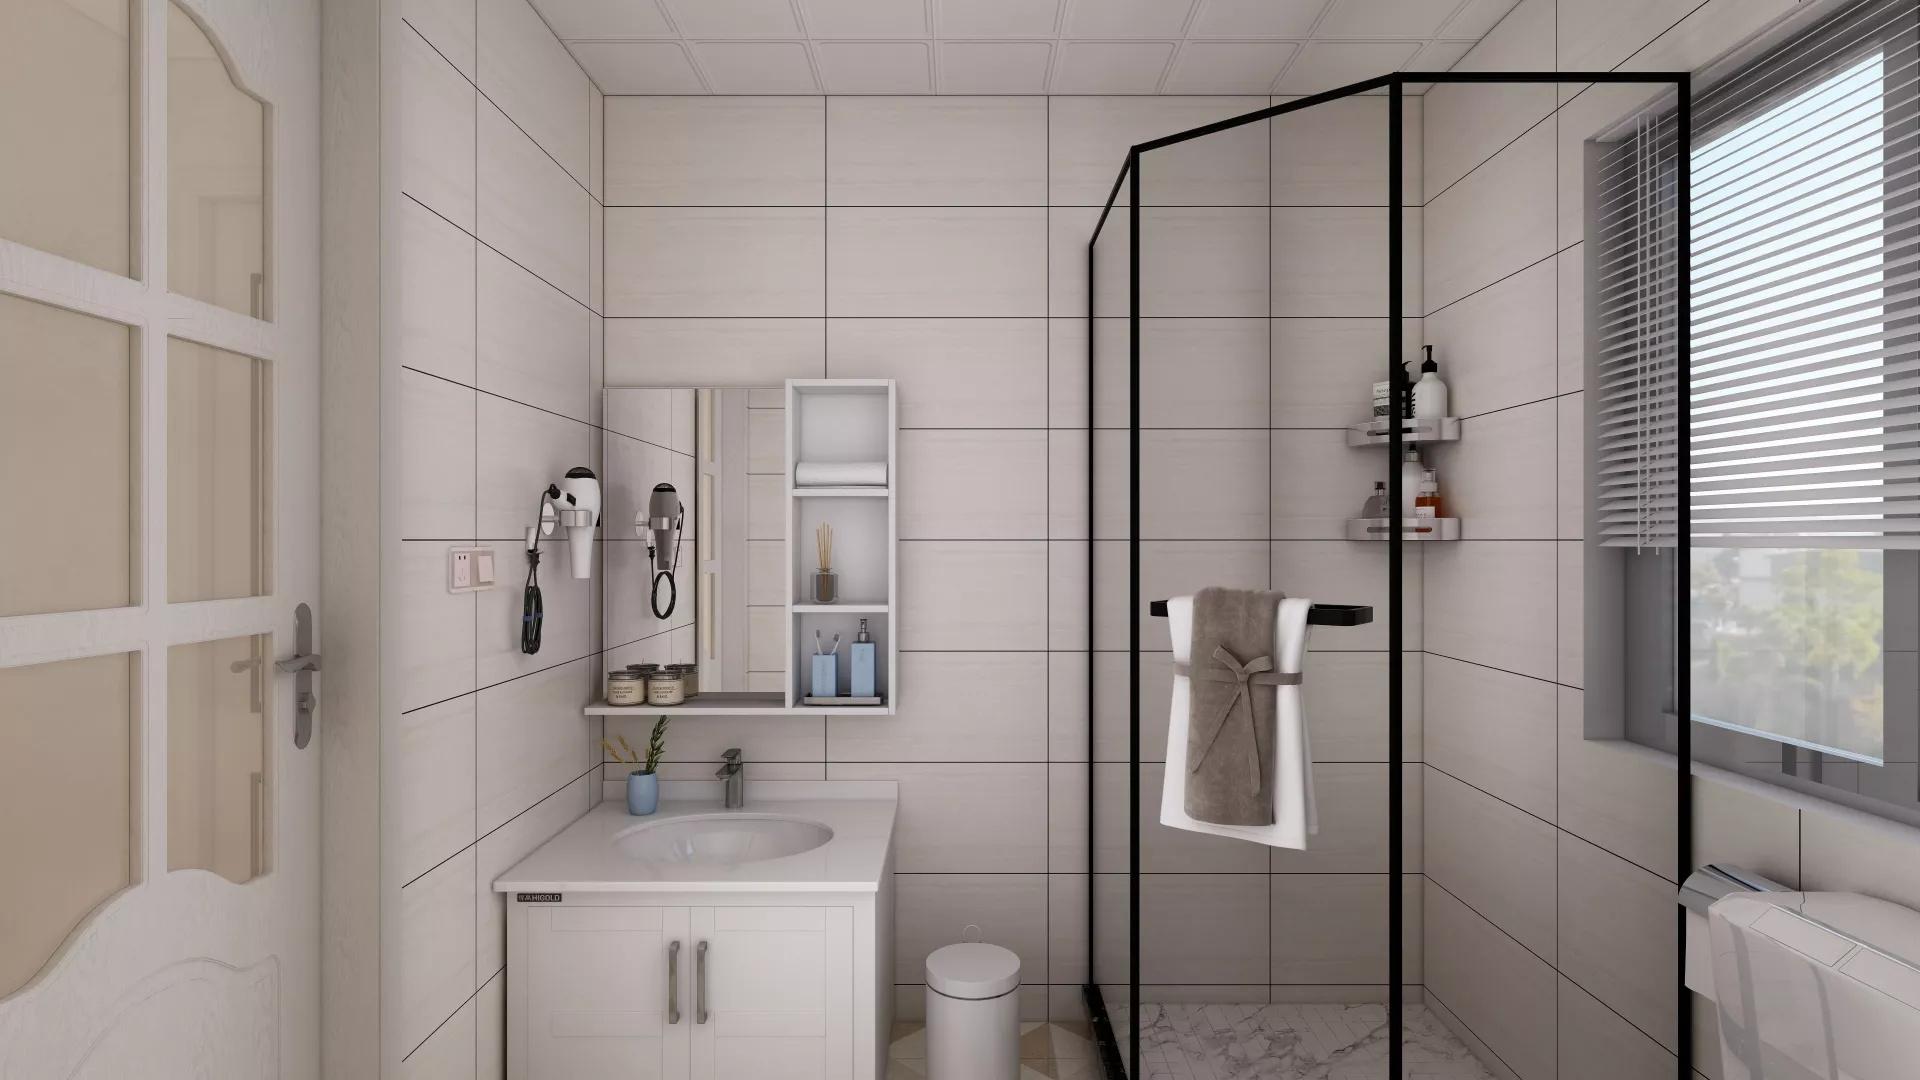 德立淋浴房简介 德立淋浴房价格贵不贵